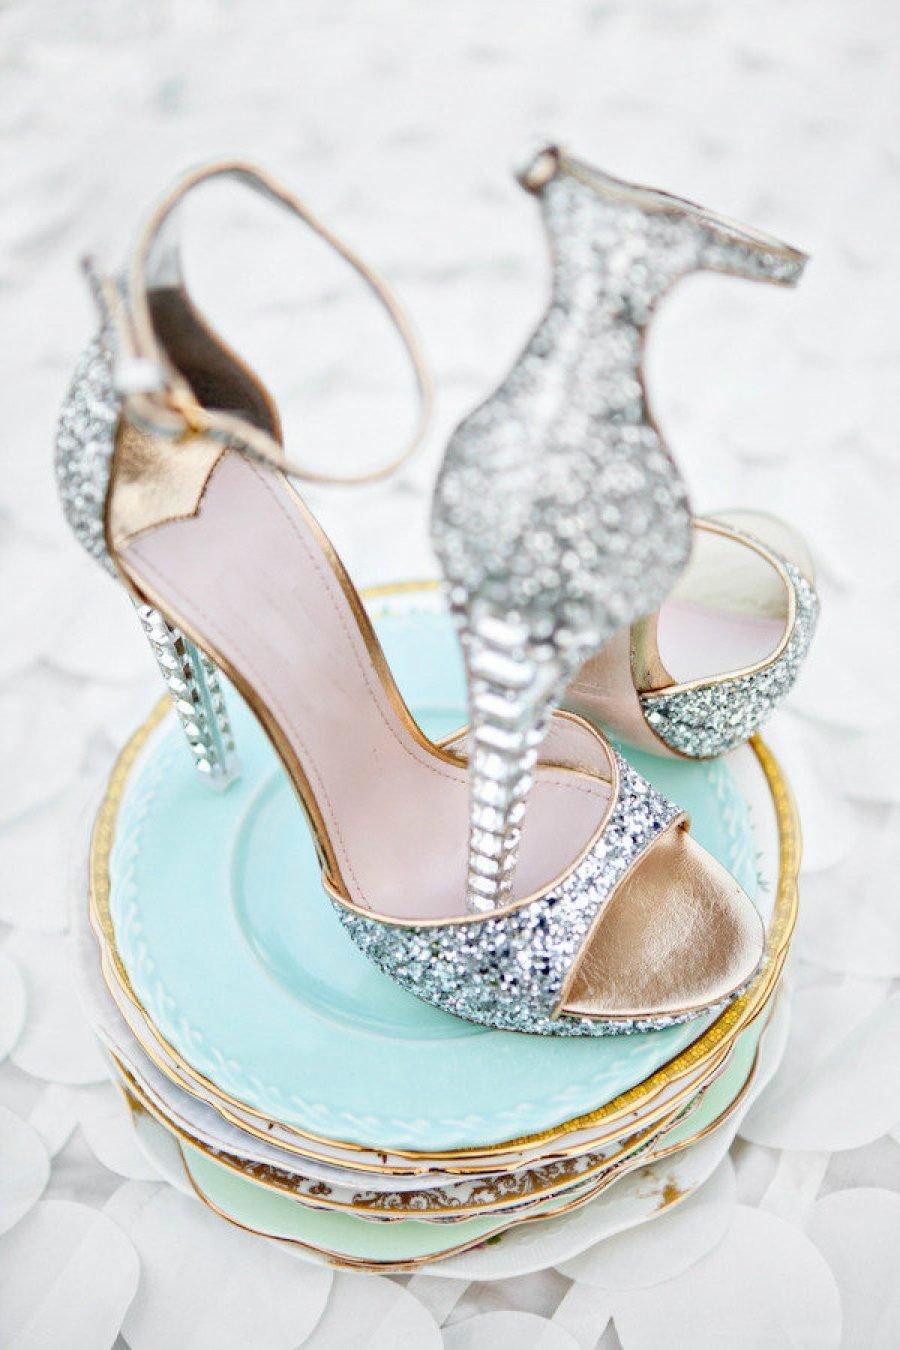 Etwas Altes, etwas Neues, etwas Geliehenes und etwas Blaues, aber was sagen die Bräuche für die Brautschuhe?